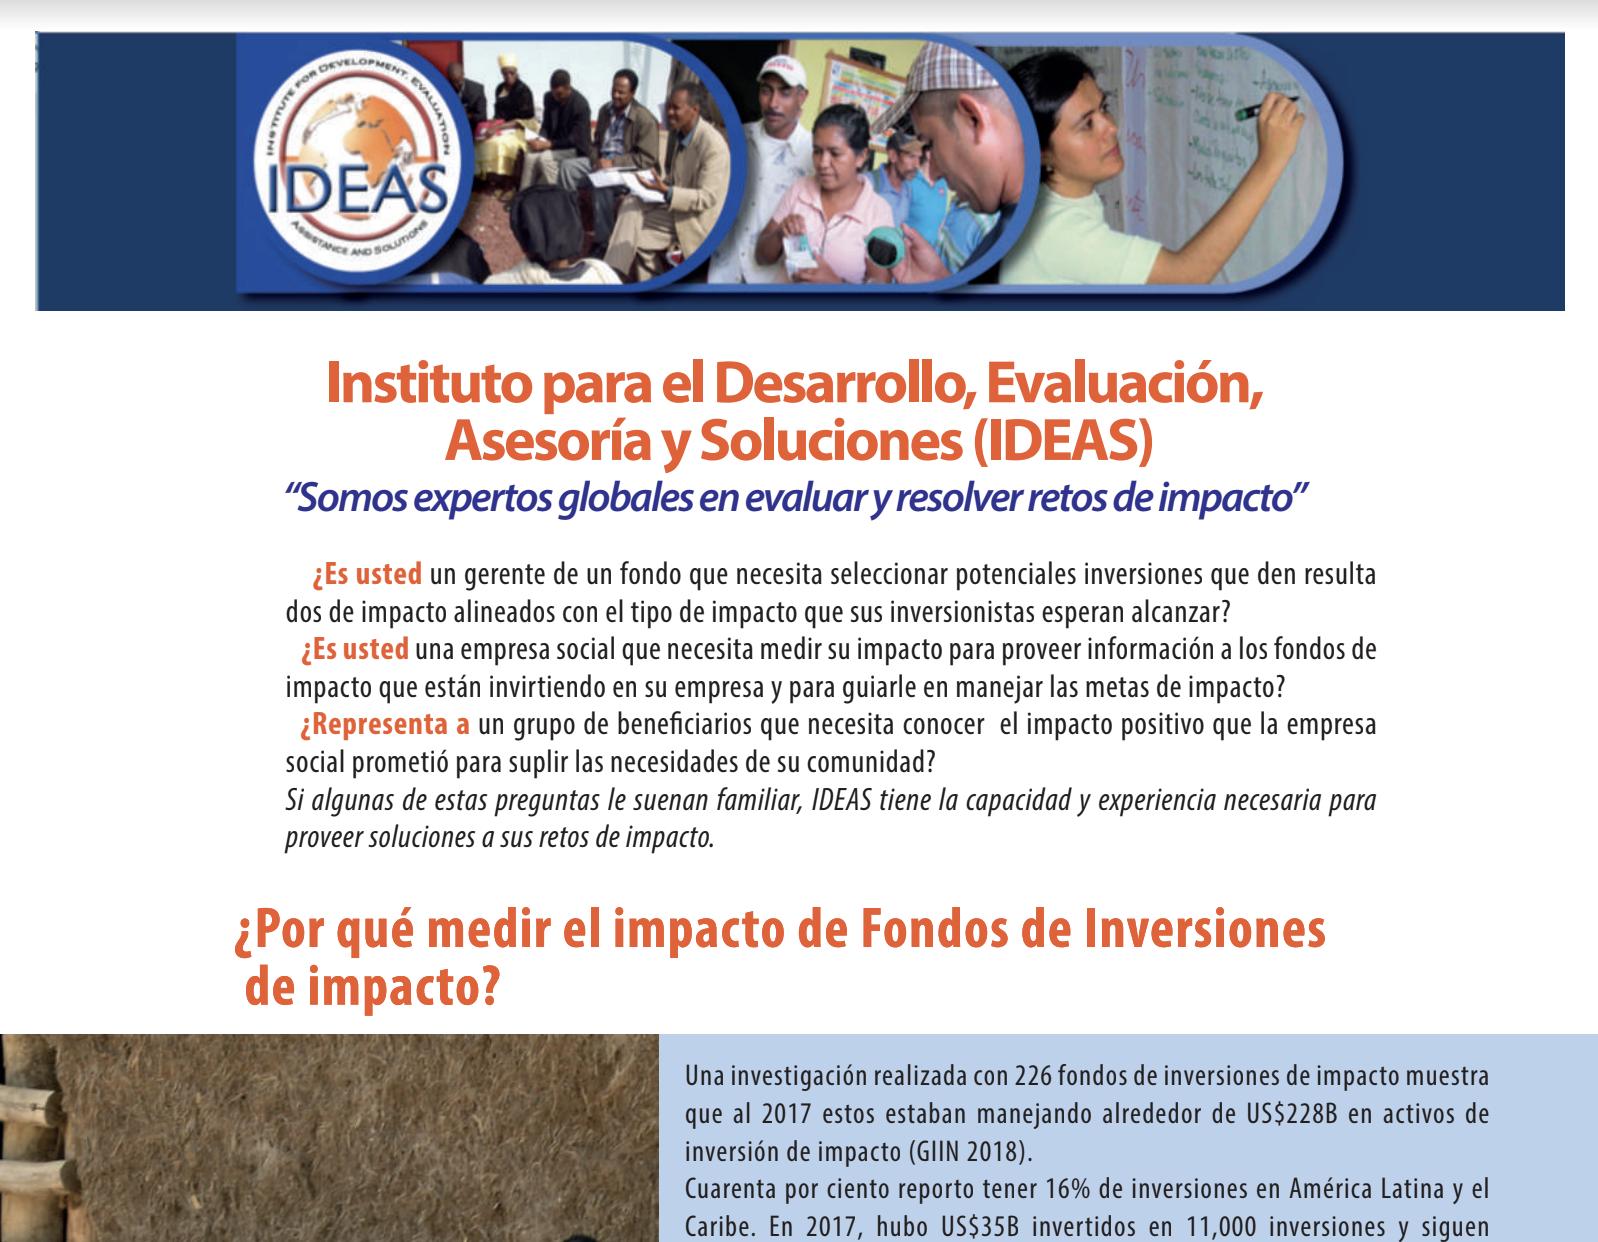 IDEAS servicos inversiones de impacto Espanol